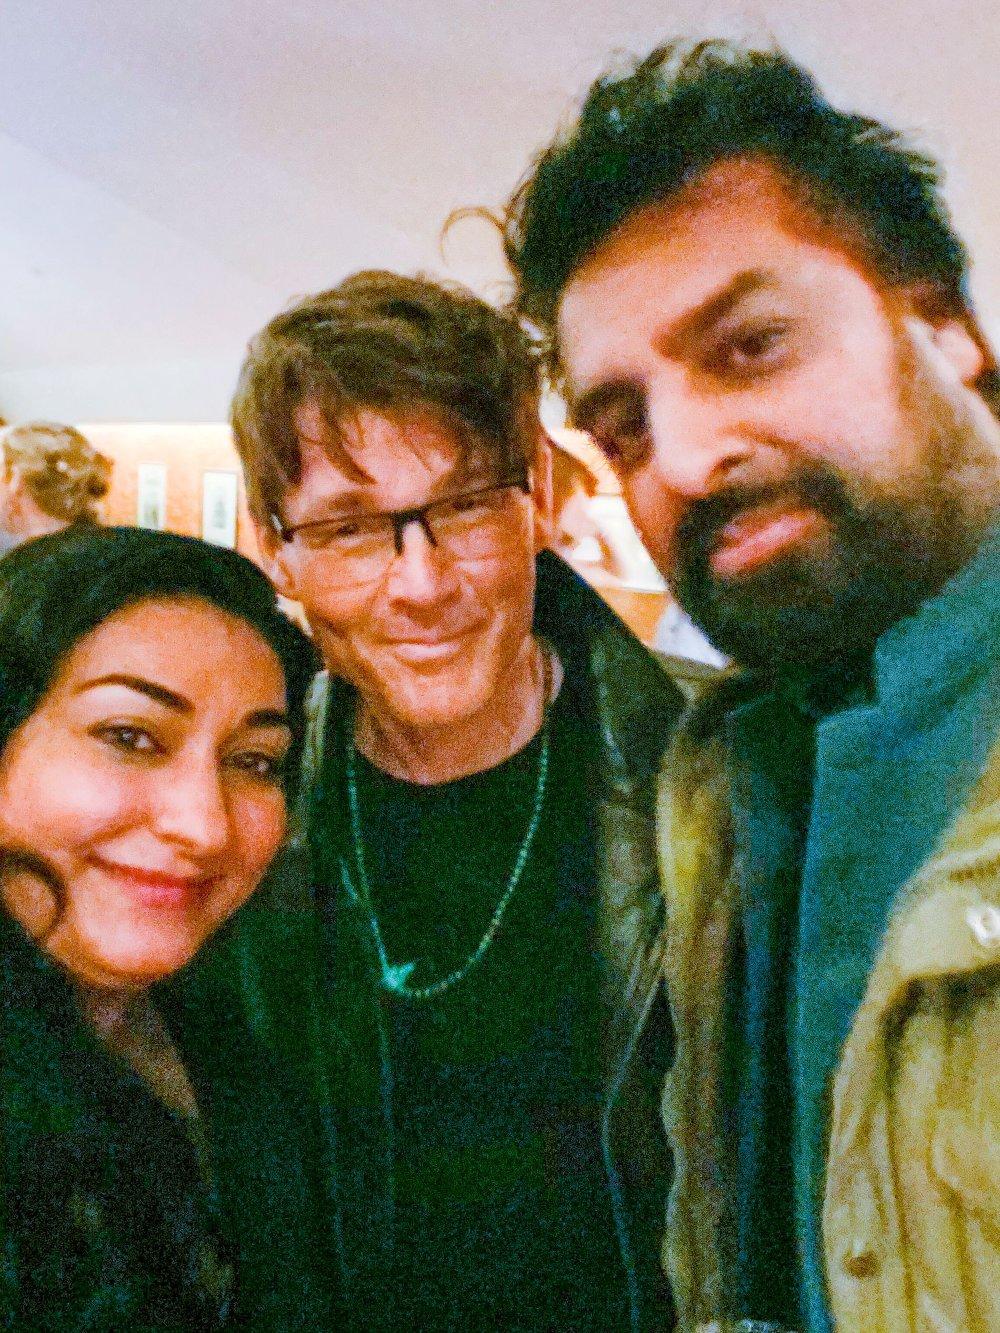 Klikk på bildet for å forstørre. Shabana Rehman og Zahid Ali ammen med Morten Harket, vokalist i A-ha.